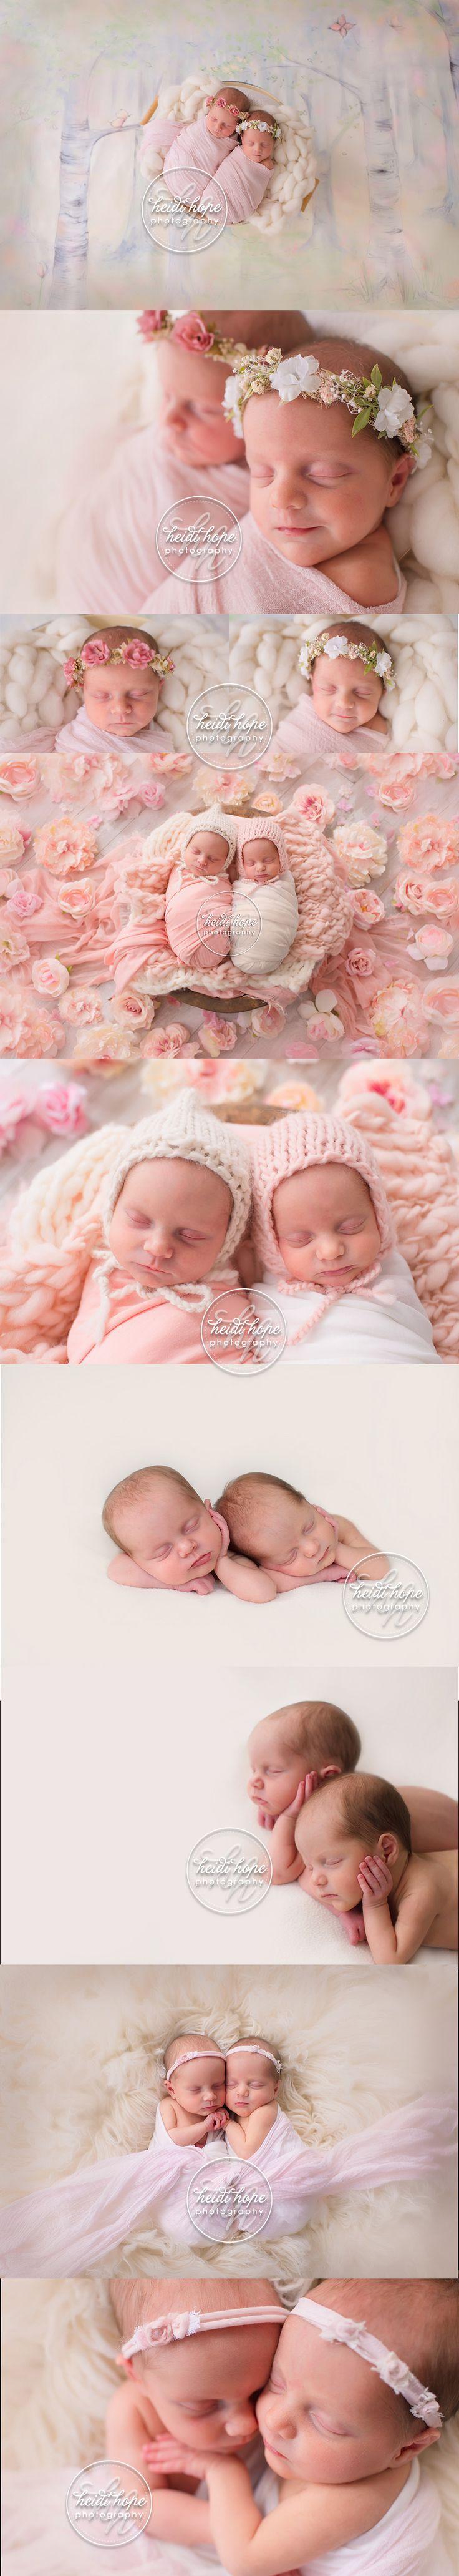 twin-girl-newborn-photoshoot-photographer